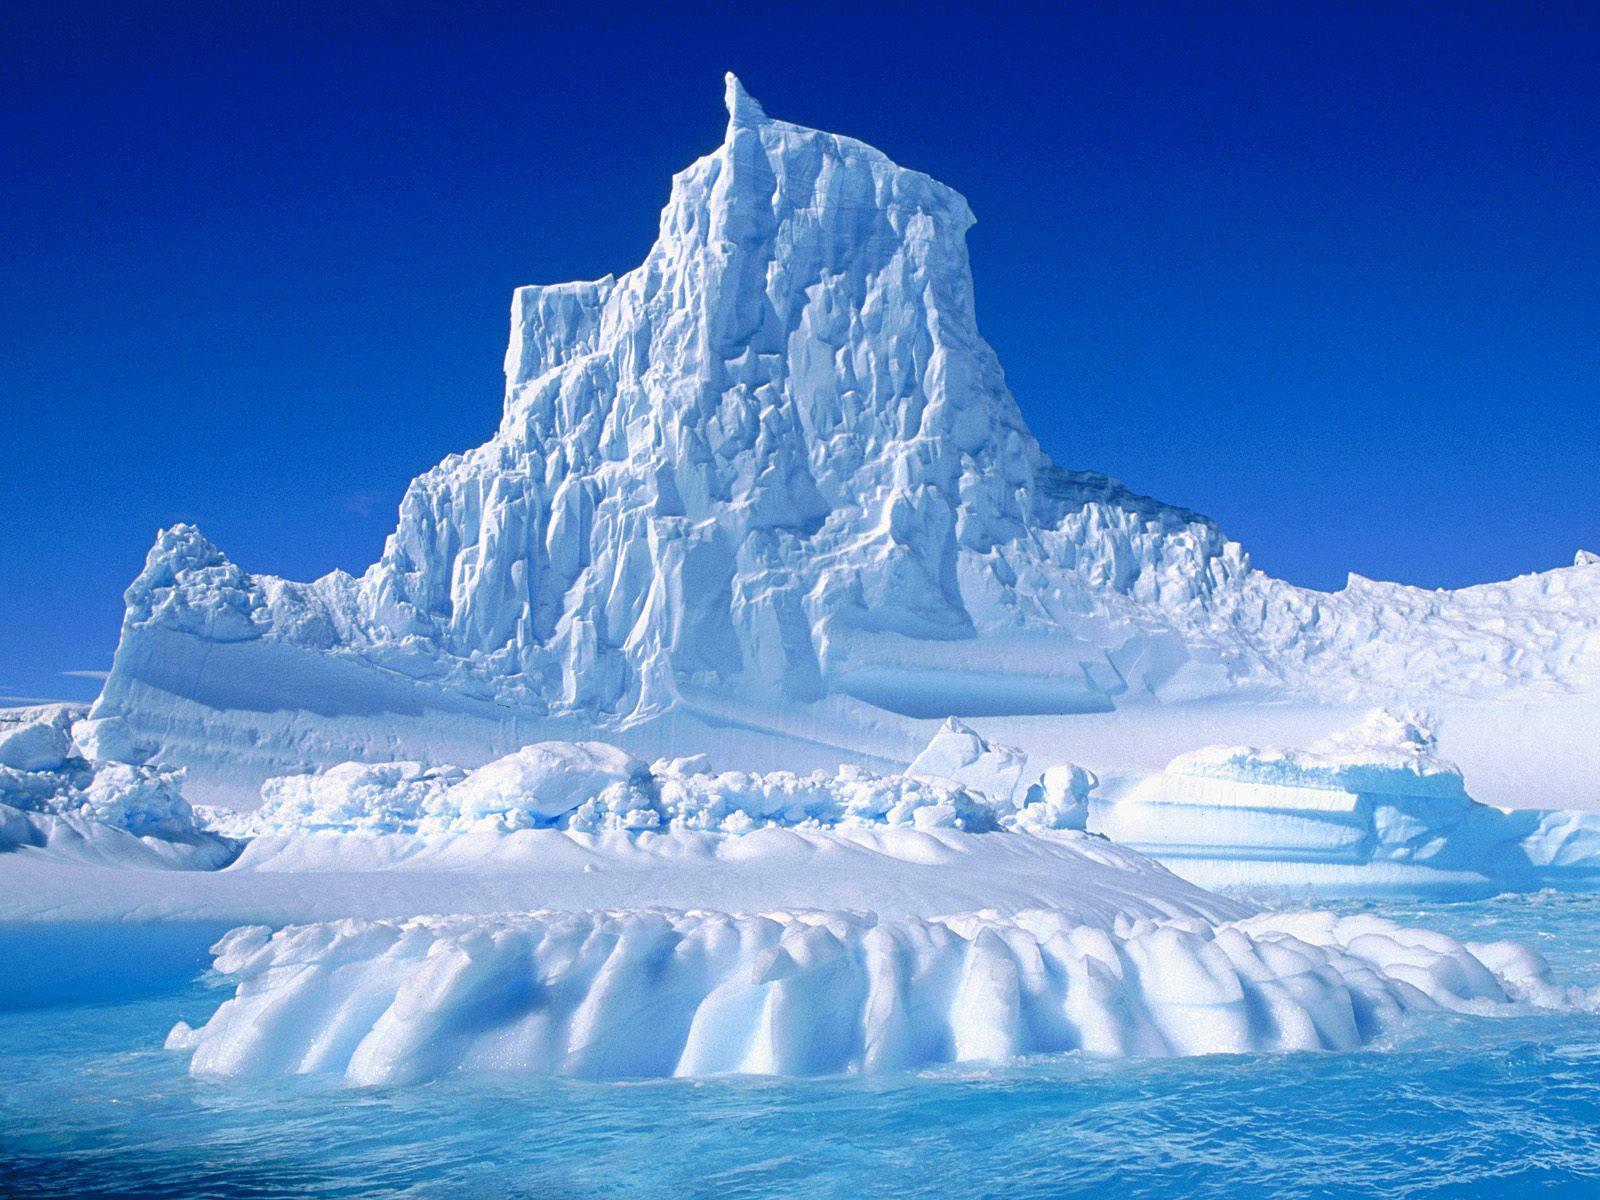 Best 61 Antarctica Wallpaper on HipWallpaper Antarctica 1600x1200